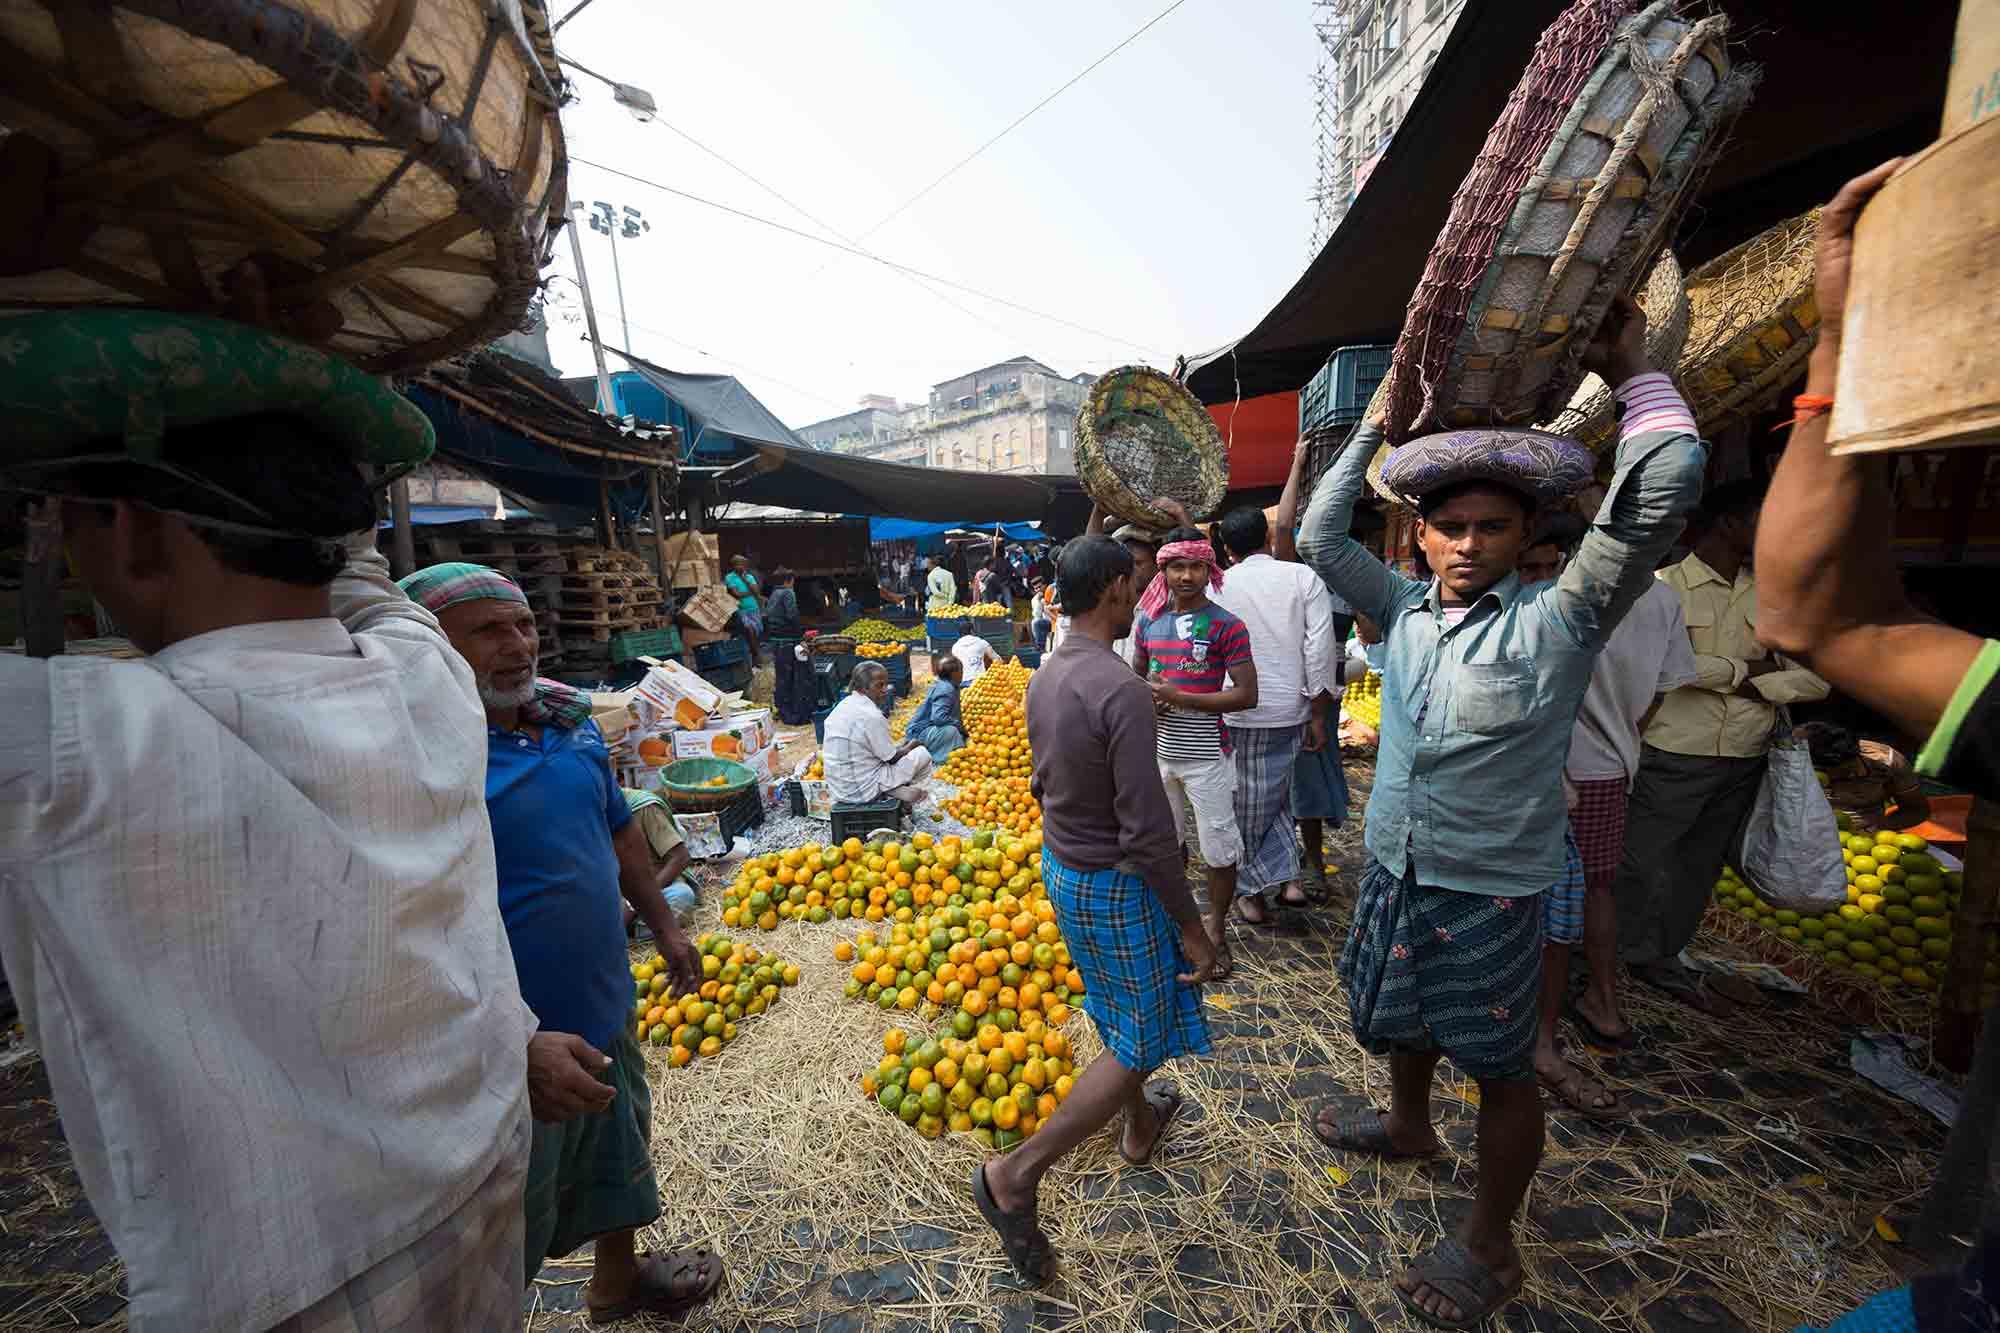 Mechhua-Fruit-Market-kolkata-india-1